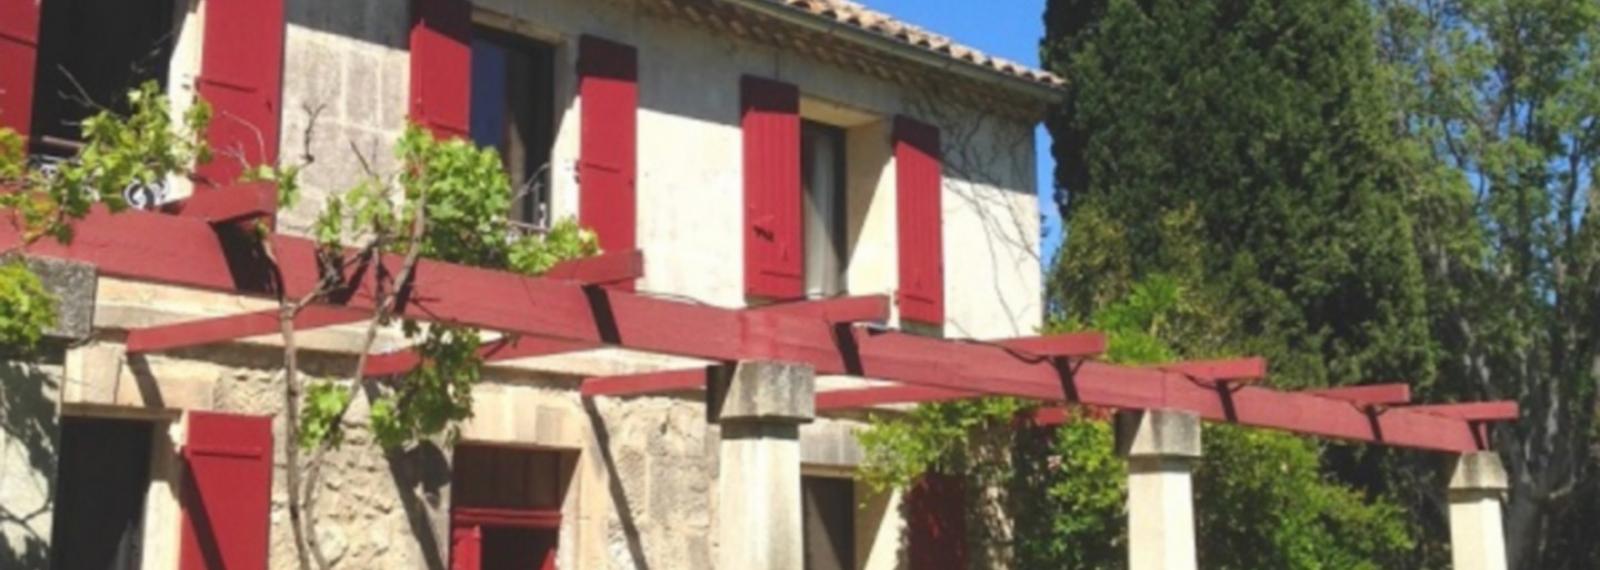 L'Oustalado, location saisonnière à Maussane-les-Alpilles